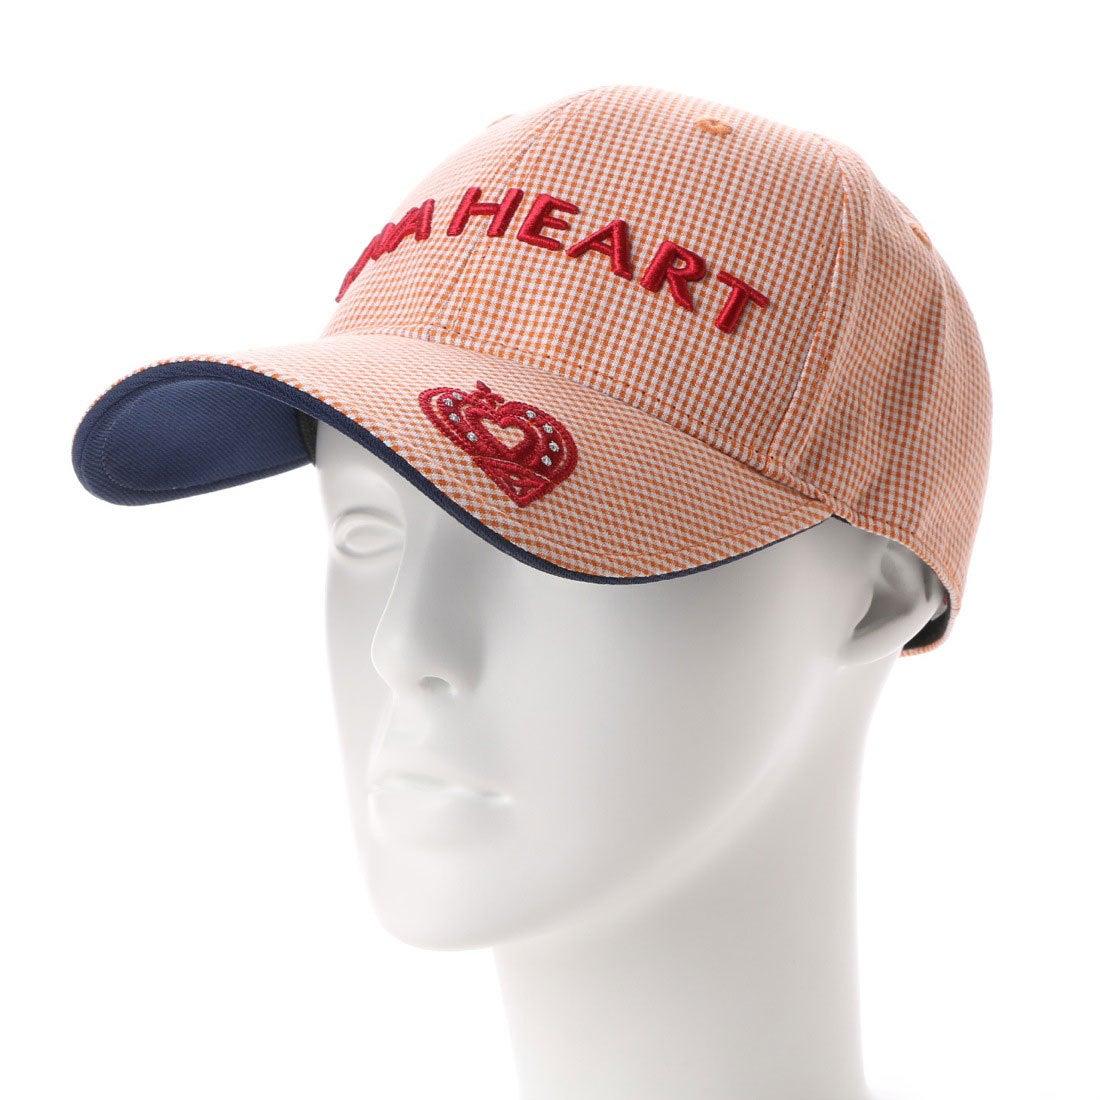 ビバハート VIVA HEART ゴルフキャップ VH 017-53316 CP (オレンジ) レディース